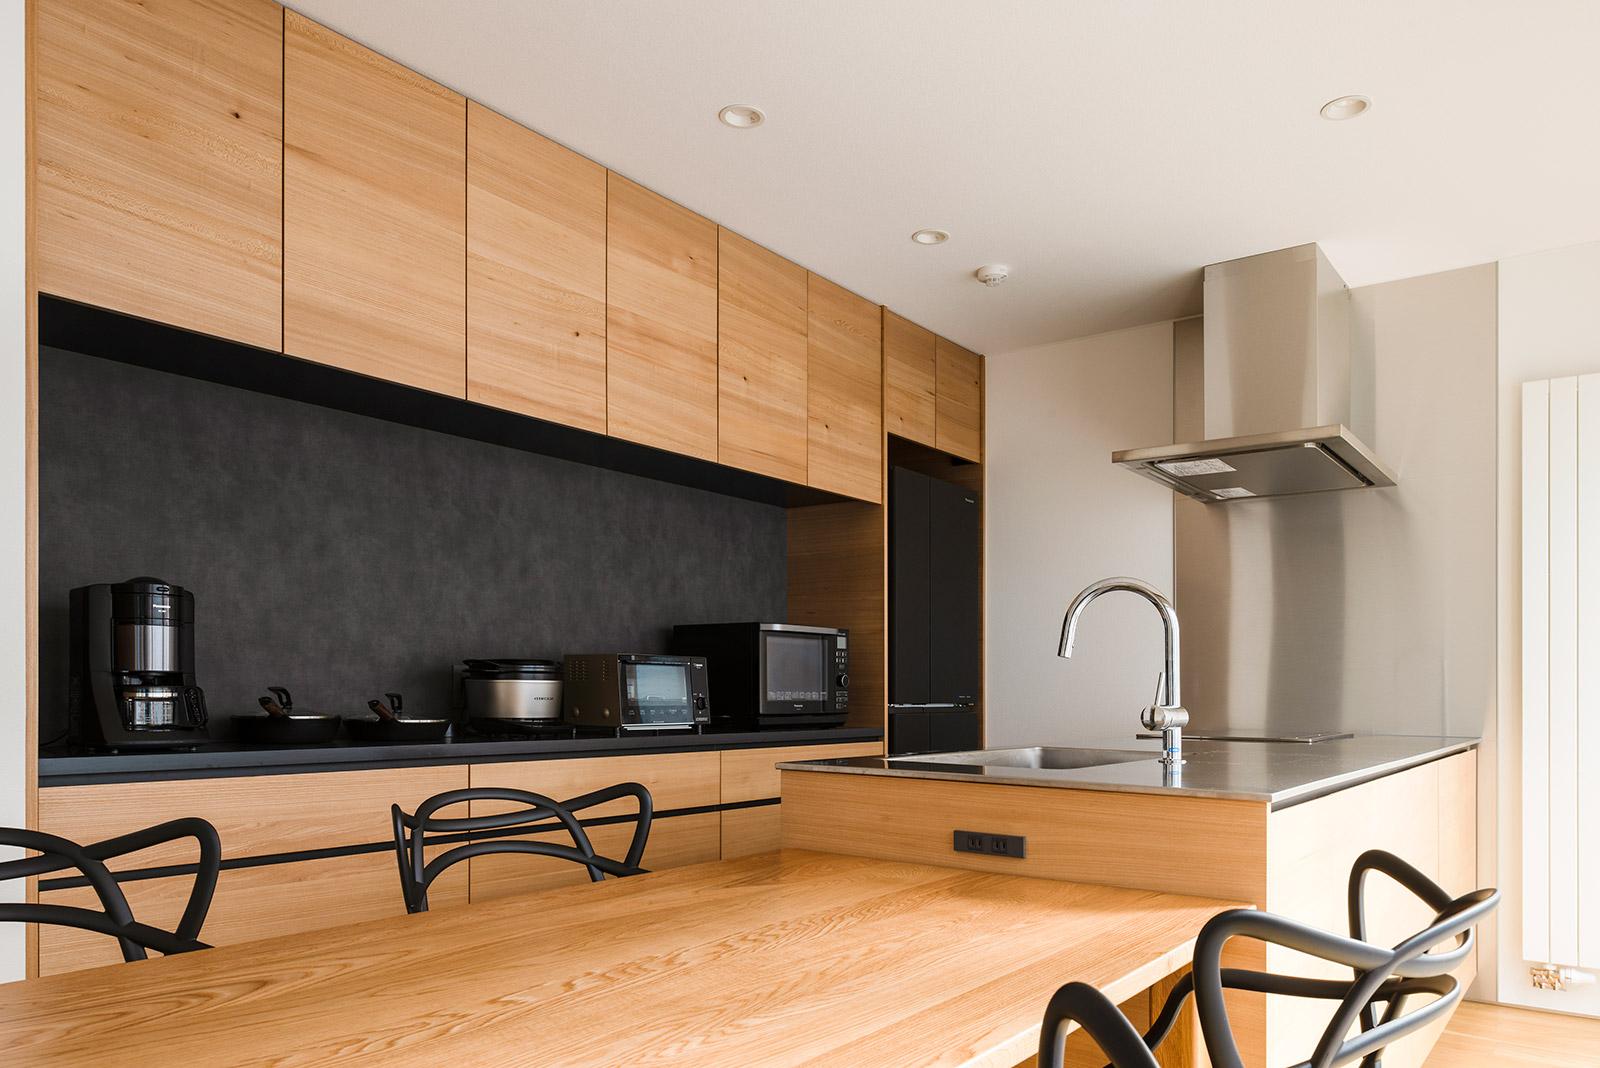 造作キッチンには、ニレの面材とステンレス、黒のアクセントウォールを採用。家事動線に合わせた収納プランが、美しさと使い勝手の良さを両立させている